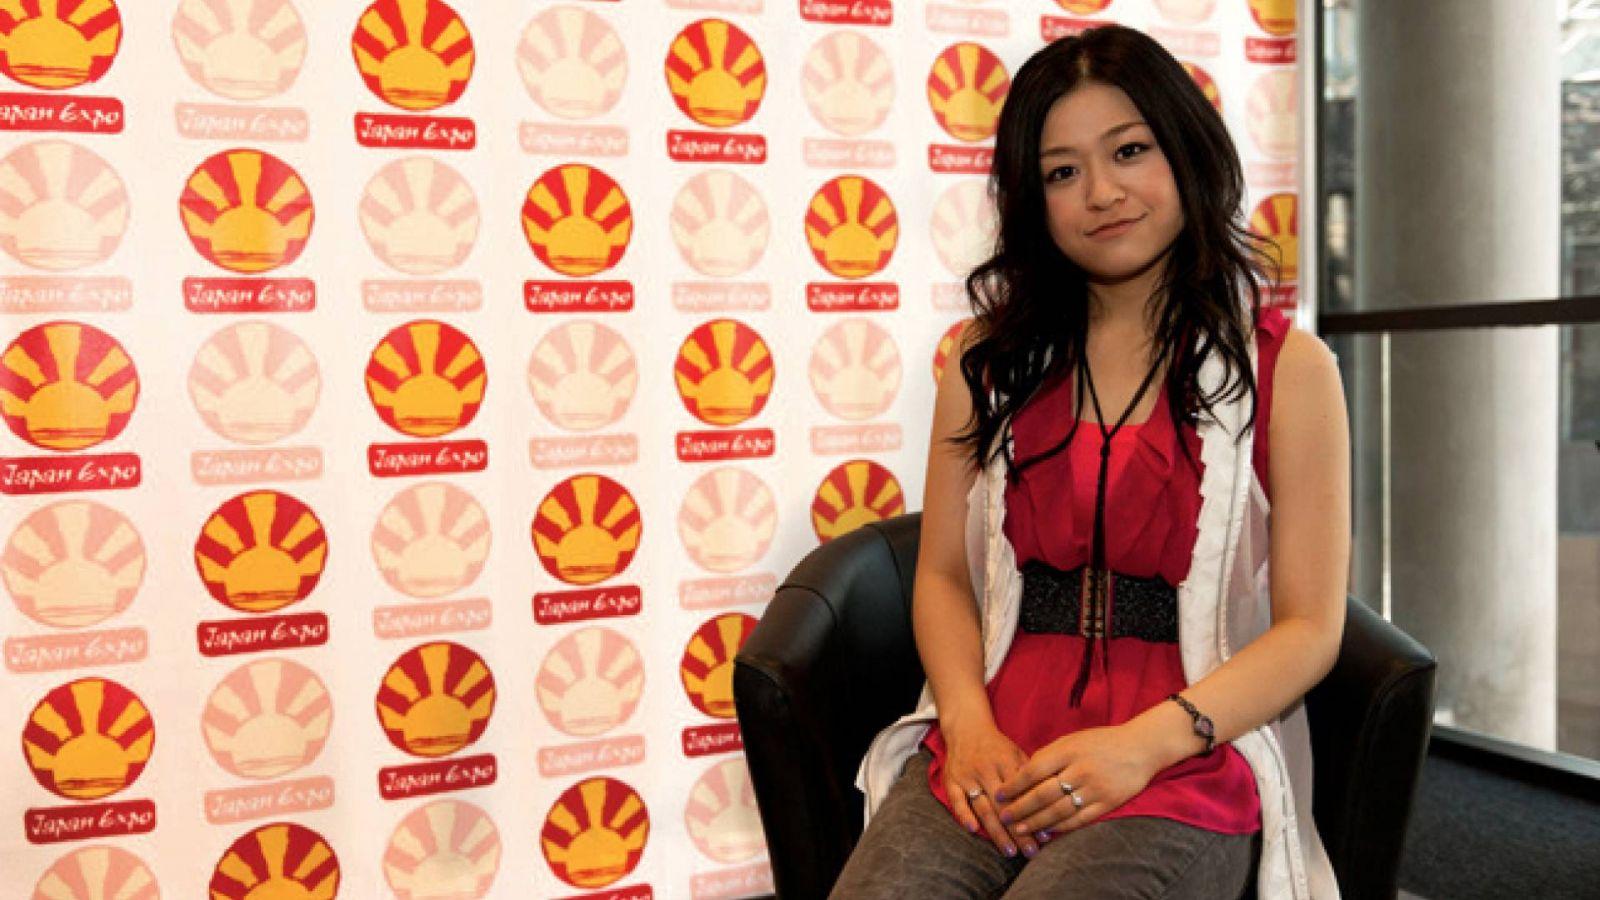 Интервью с Takekawa Ai © Takekawa Ai - JaME - Didier CABOCHE